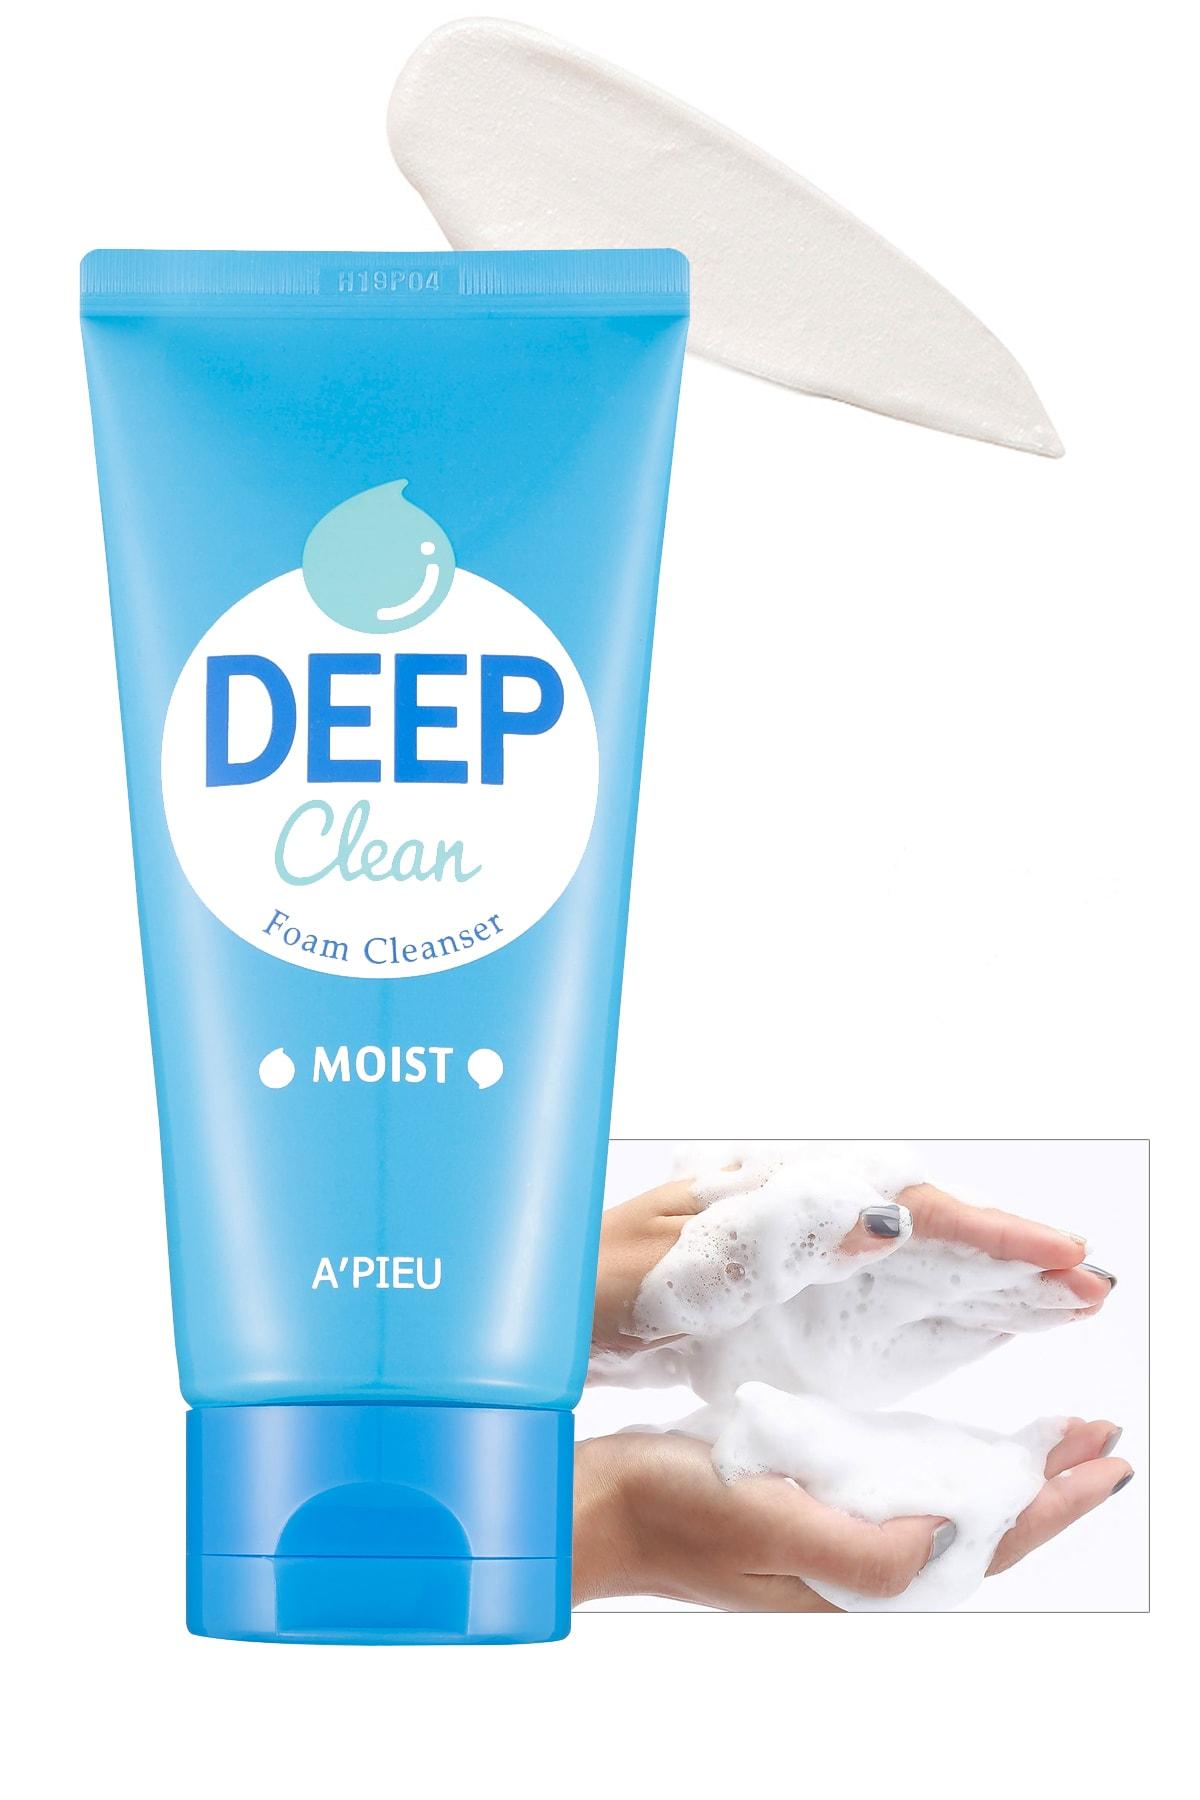 Missha Nemlendirici Etkili Yüz Yıkama Köpüğü 130ml APIEU Deep Clean Foam Cleanser (Moist) 0